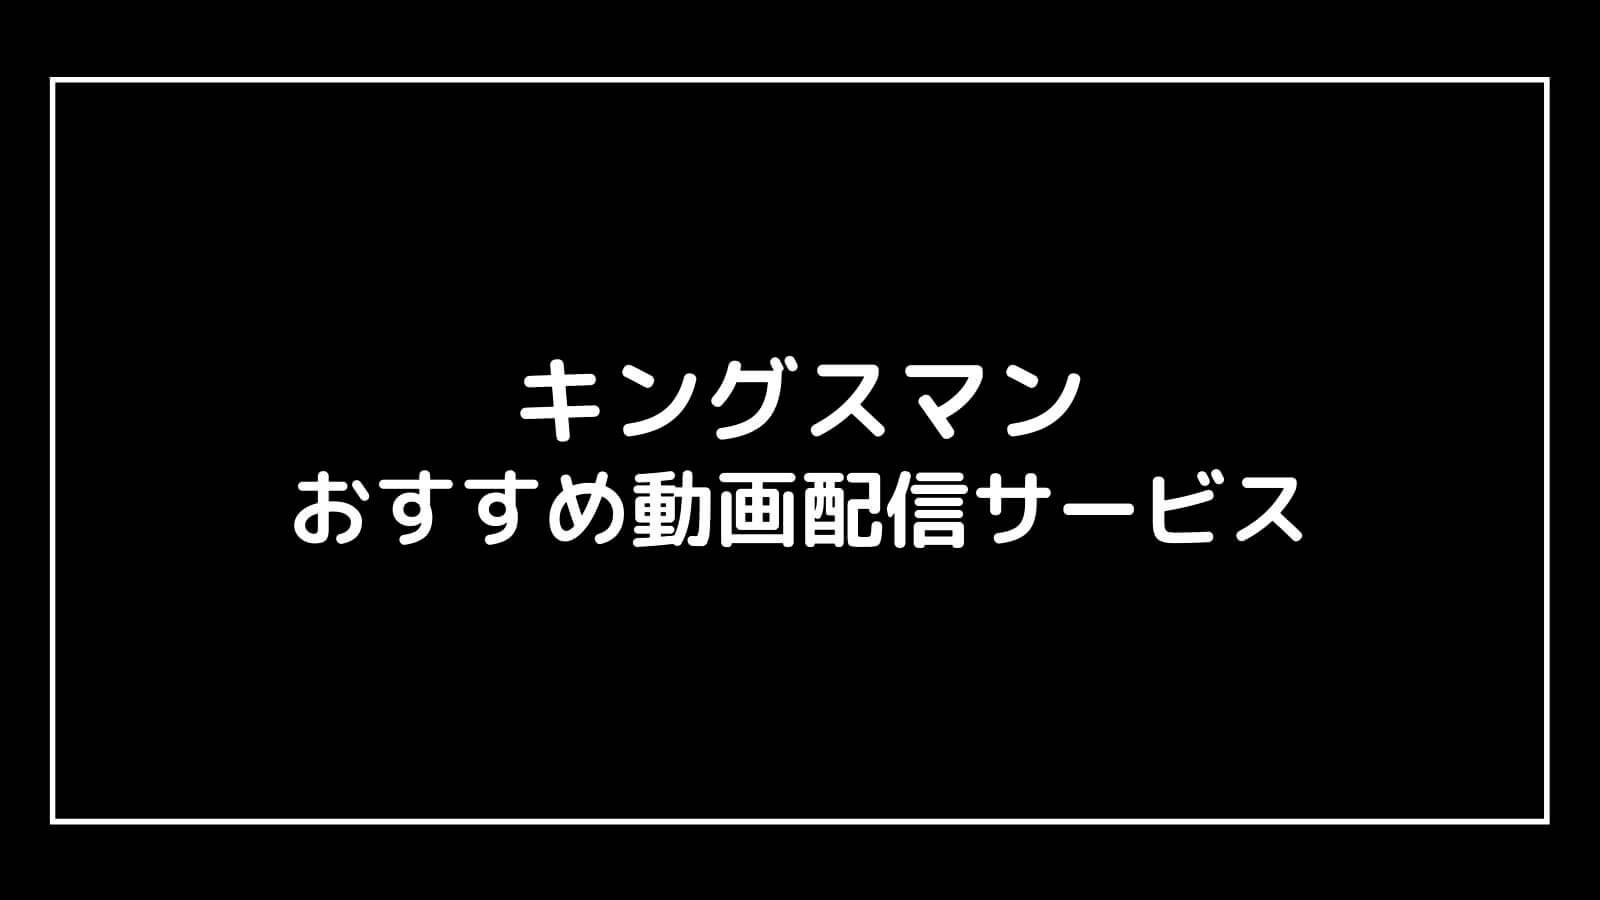 映画『キングスマン』を無料視聴できるおすすめ動画配信サービス【最新作の割引券あり】